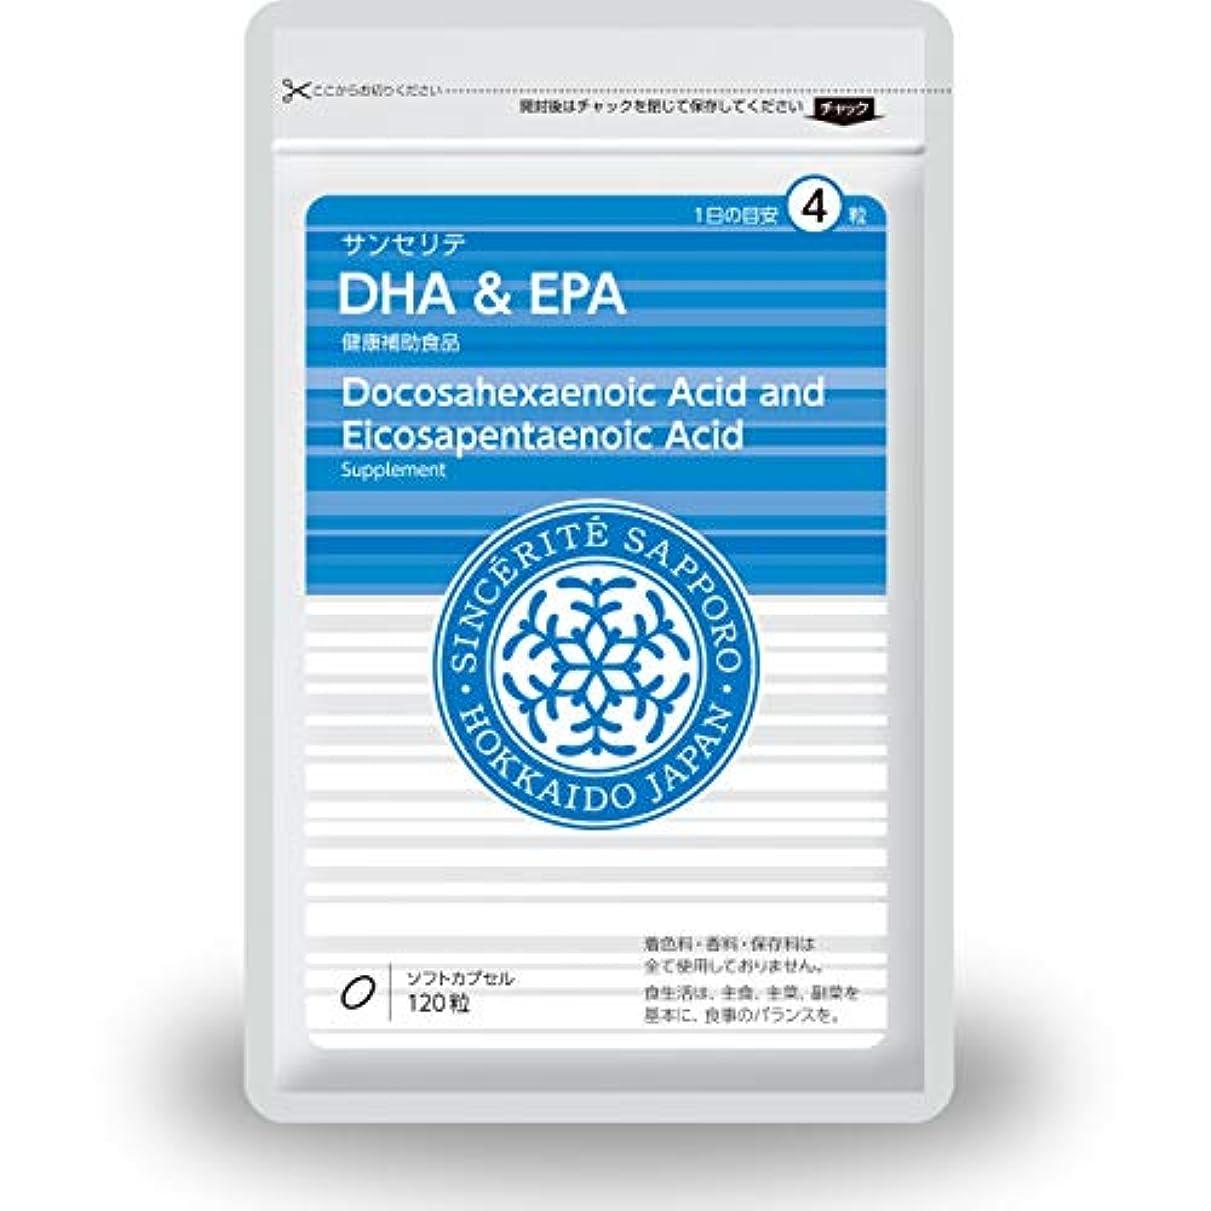 凝縮する仮定、想定。推測ショートカットDHA&EPA[送料無料][DHA]433mg配合[国内製造]しっかり30日分